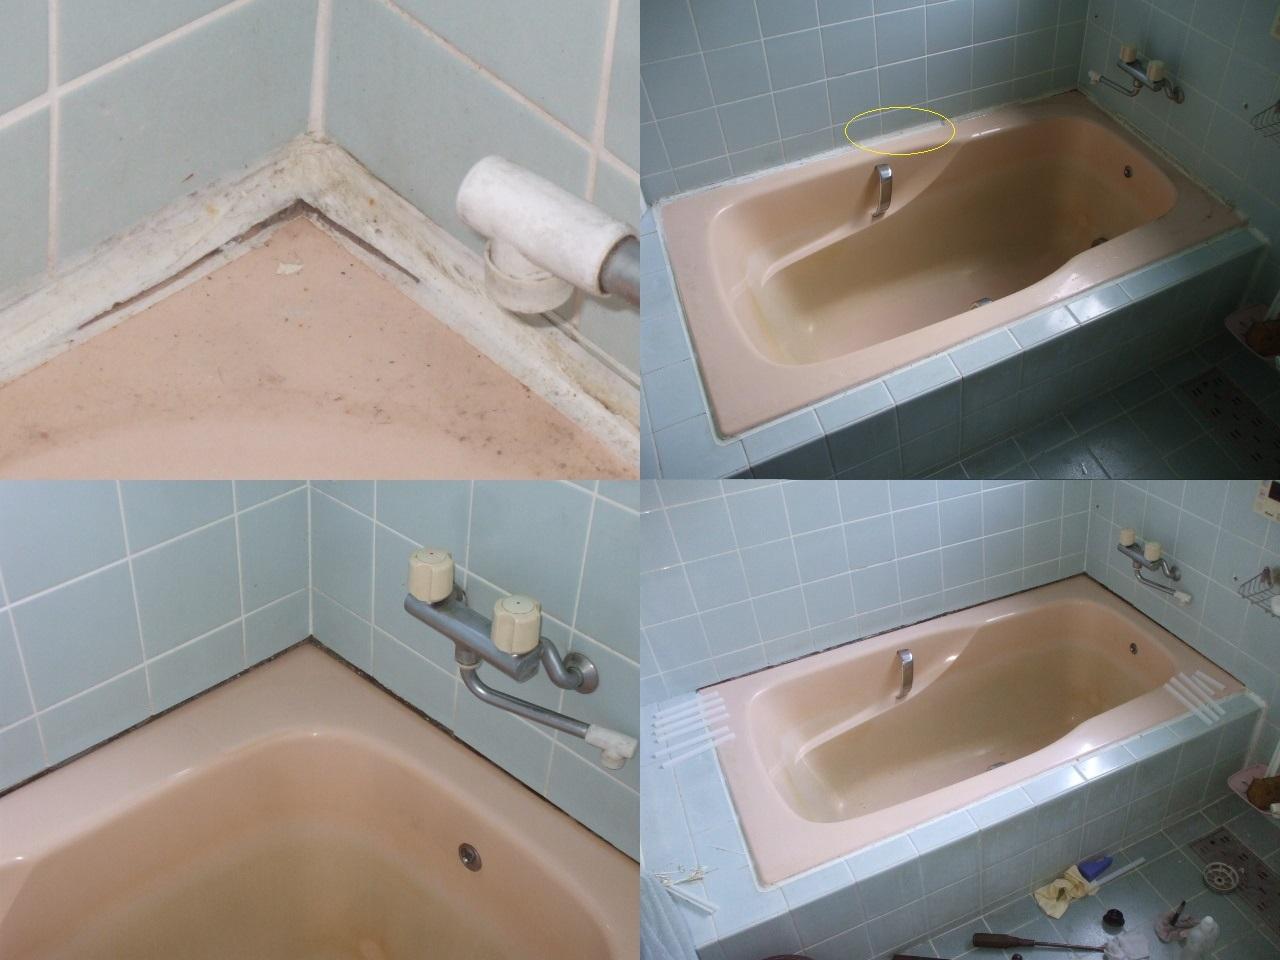 本日は 浴槽の周りの傷みを 半分だけ修繕しました!1